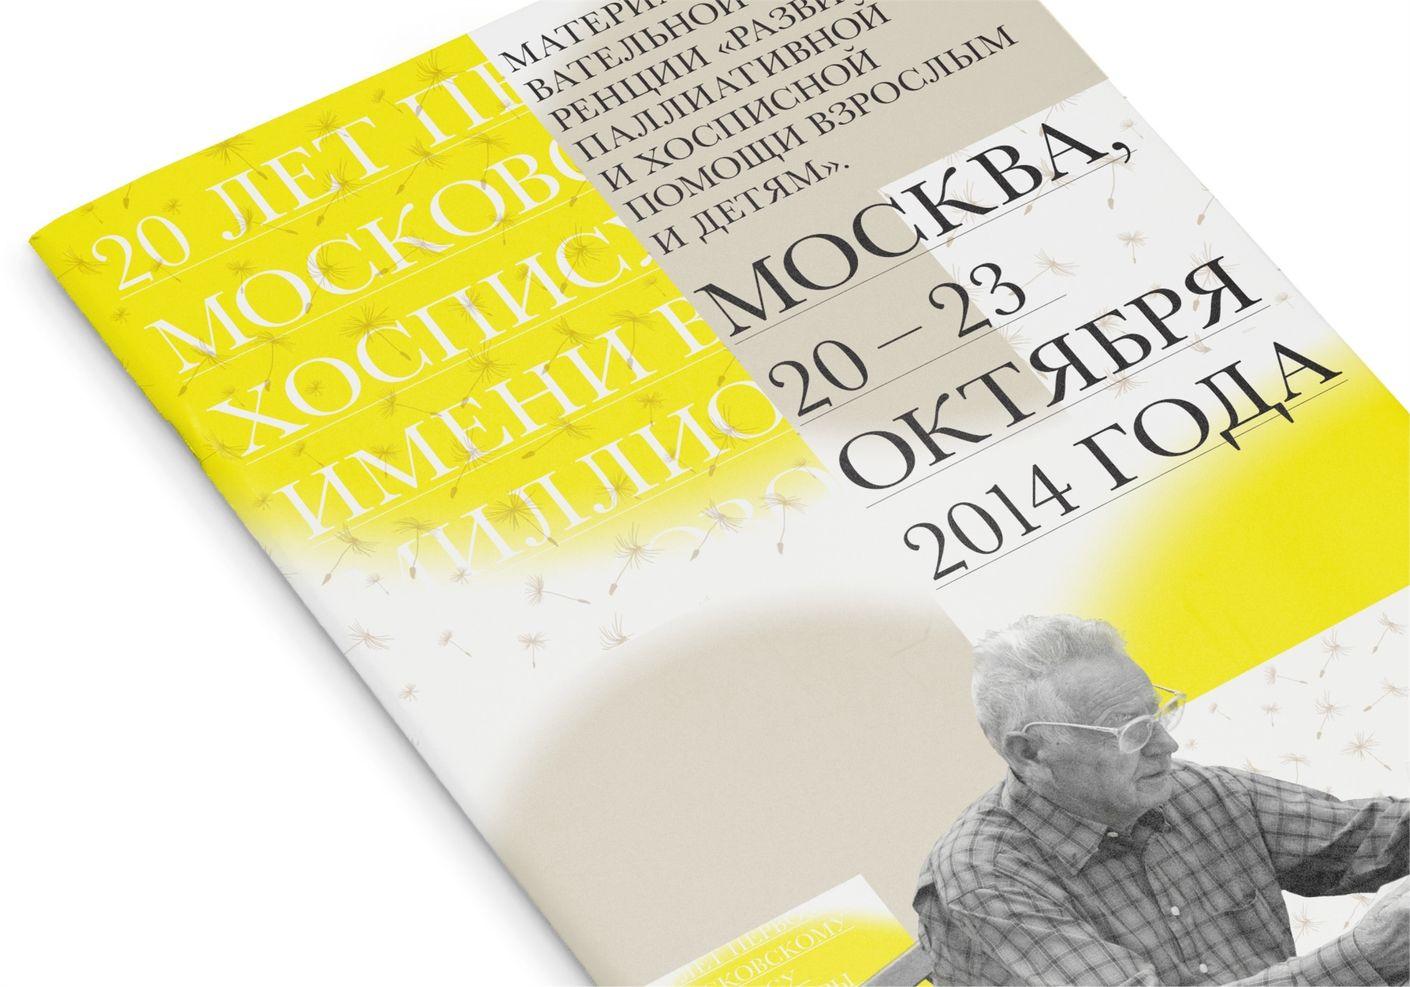 Фирменный стиль Первого московского хосписа от Лаборатории дизайна НИУ ВШЭ - hsegrsignlab.ru